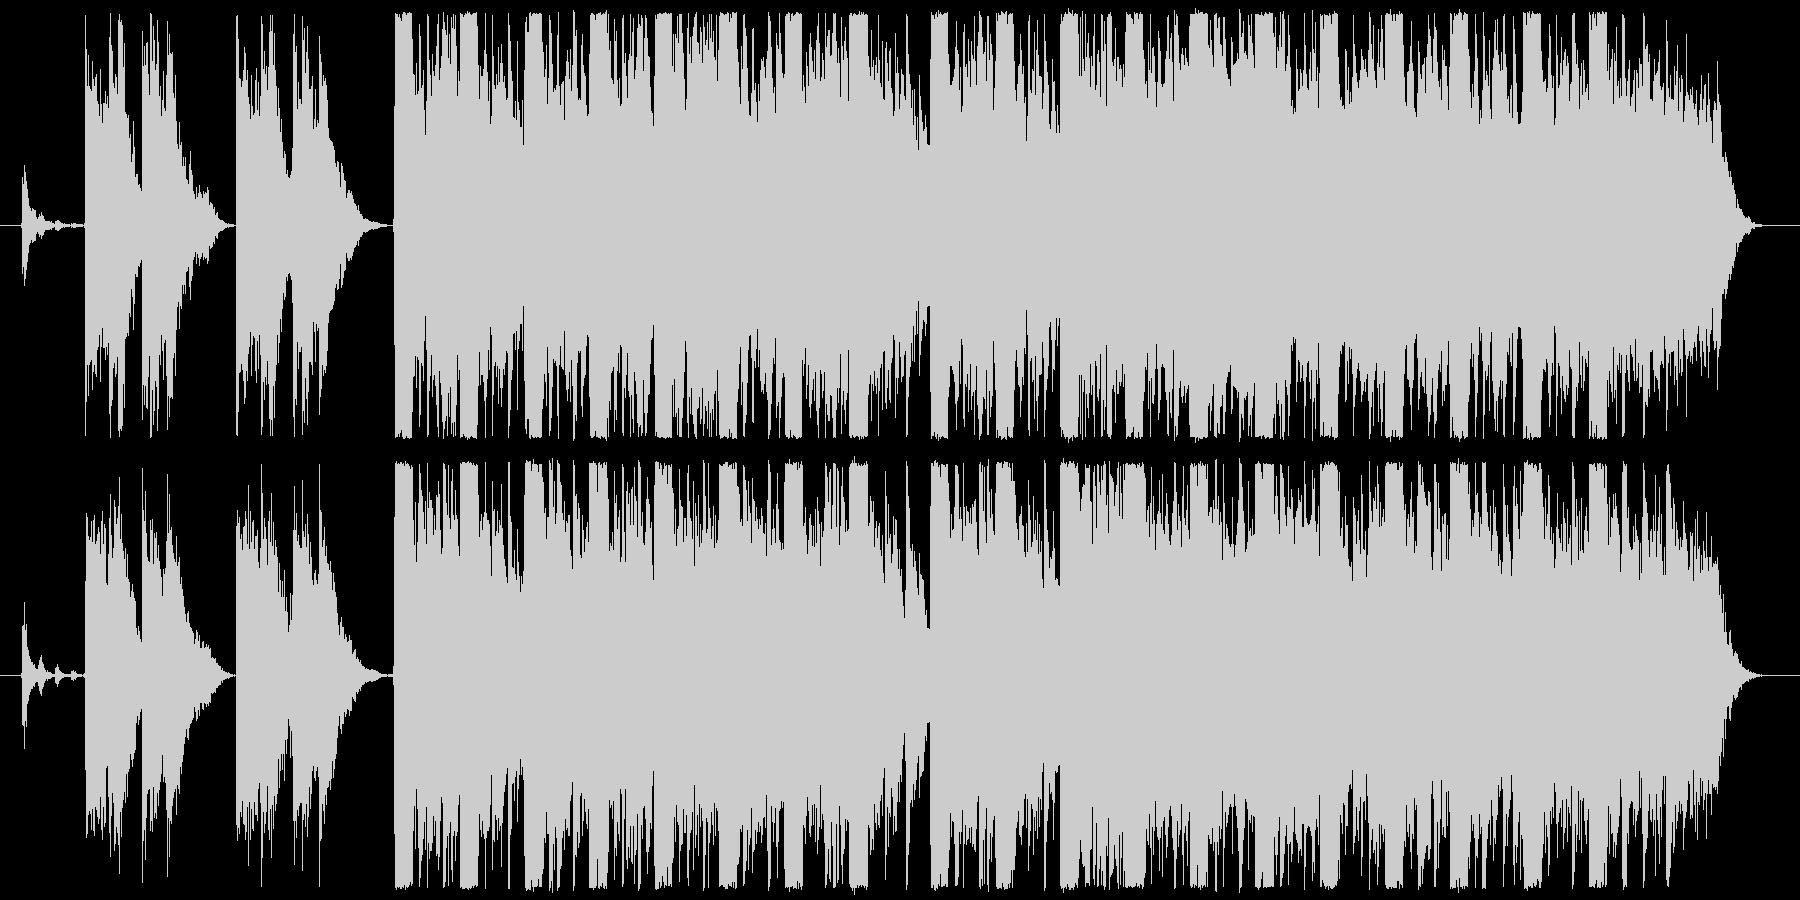 儚く悲しいピアノエレクトロ 遺作アレンジの未再生の波形